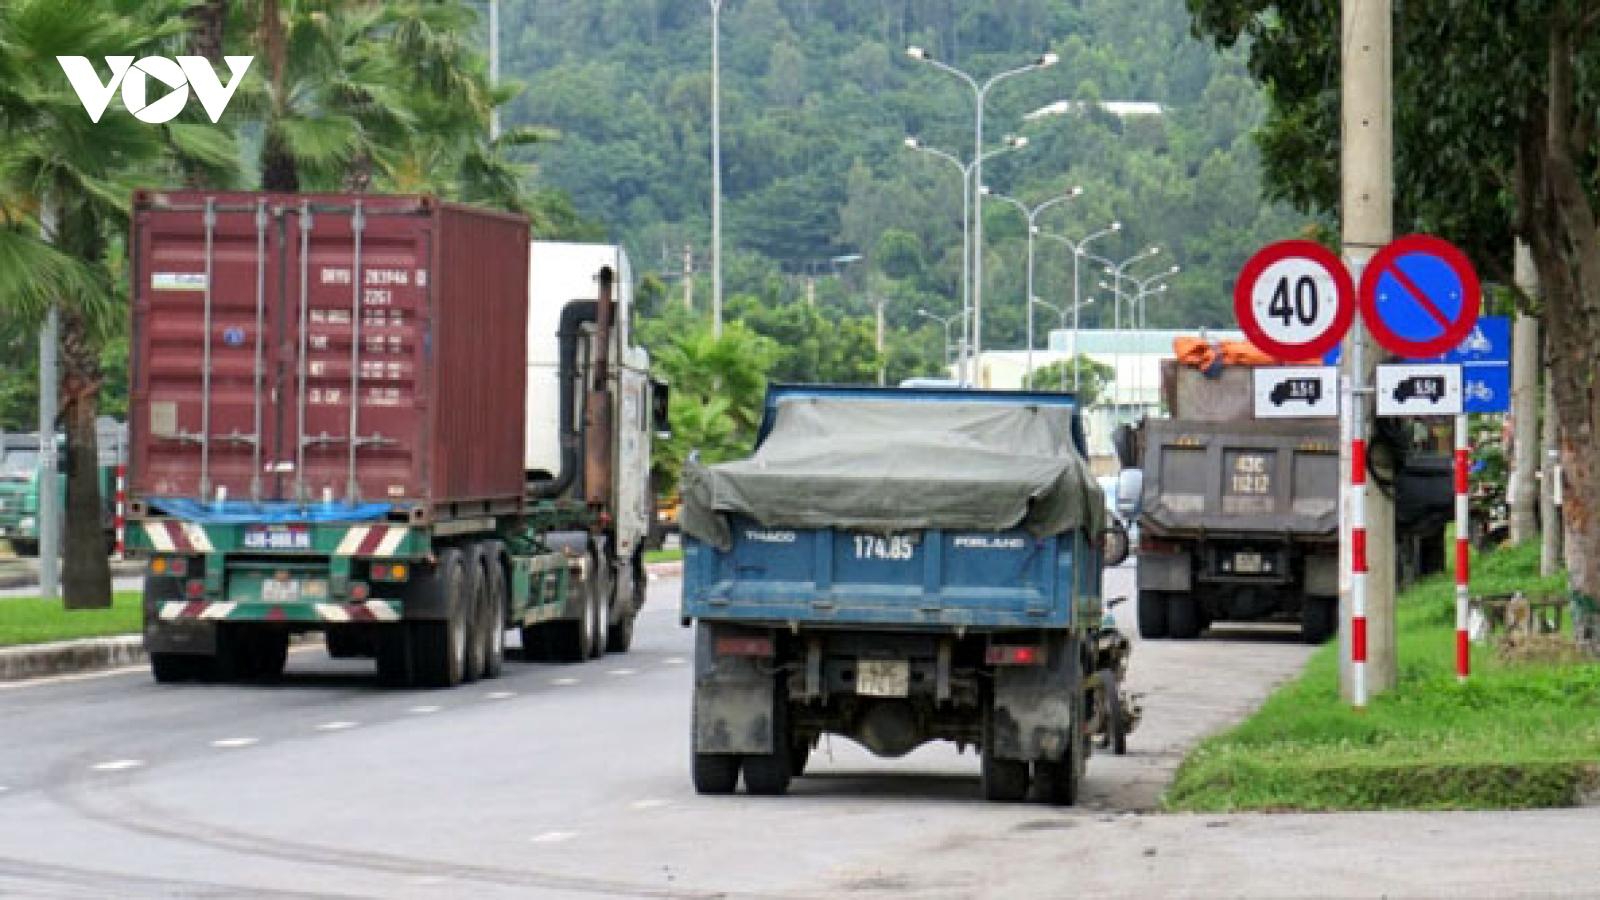 Hoàn thành cải tạo đường ra cảng Tiên Sa (Đà Nẵng) vào cuối năm 2021